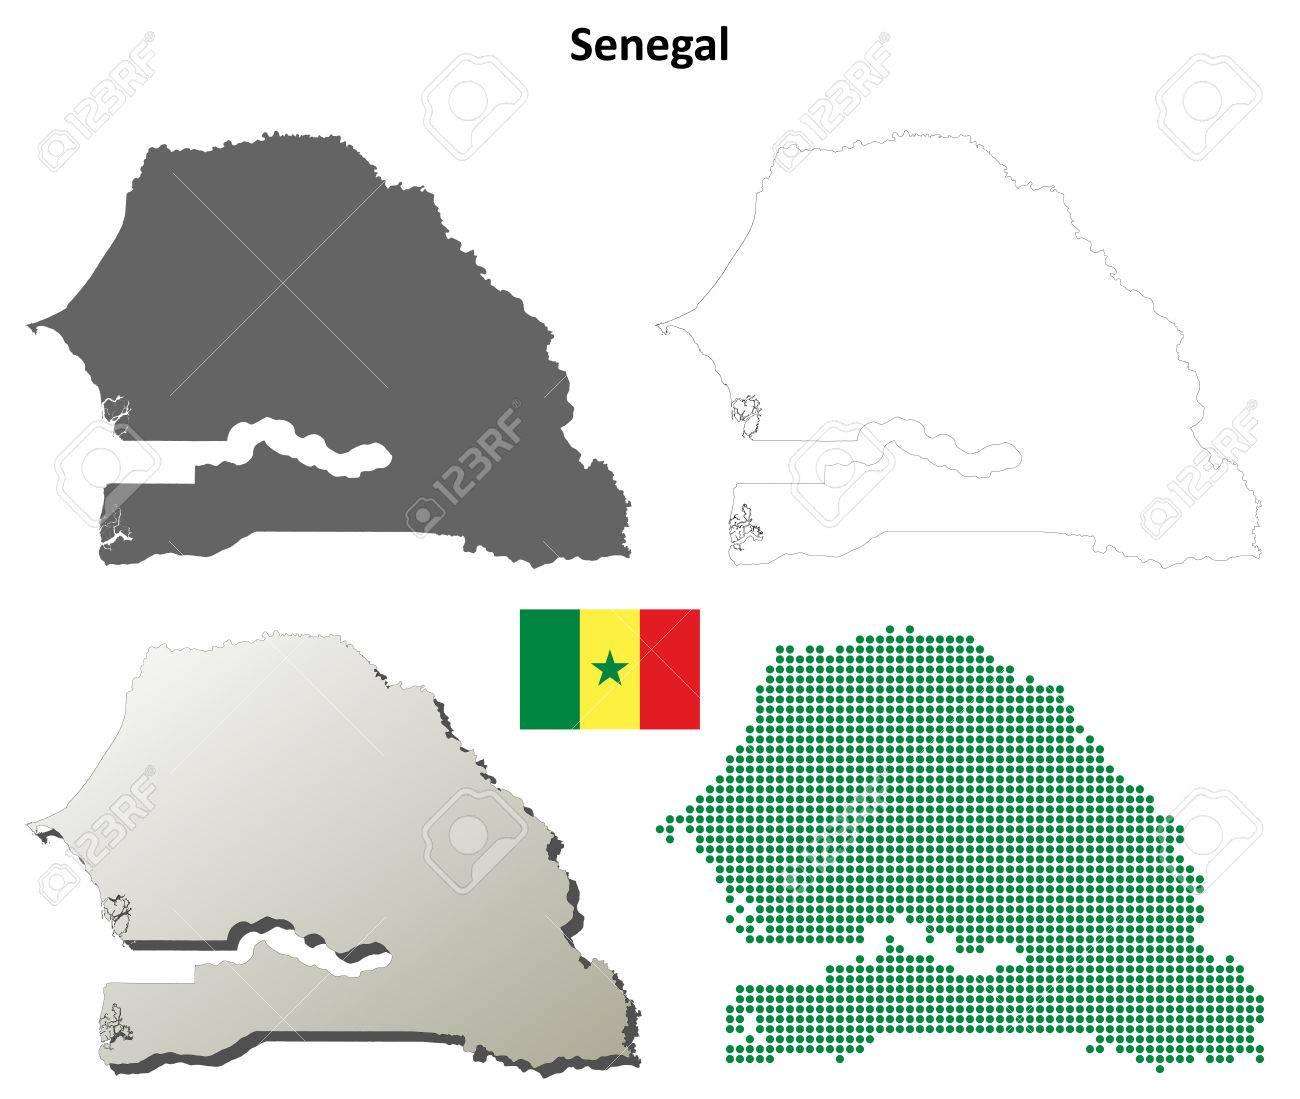 Carte Senegal Vierge.Senegal Vierge Vecteur Detaillee Fond De Carte Ensemble